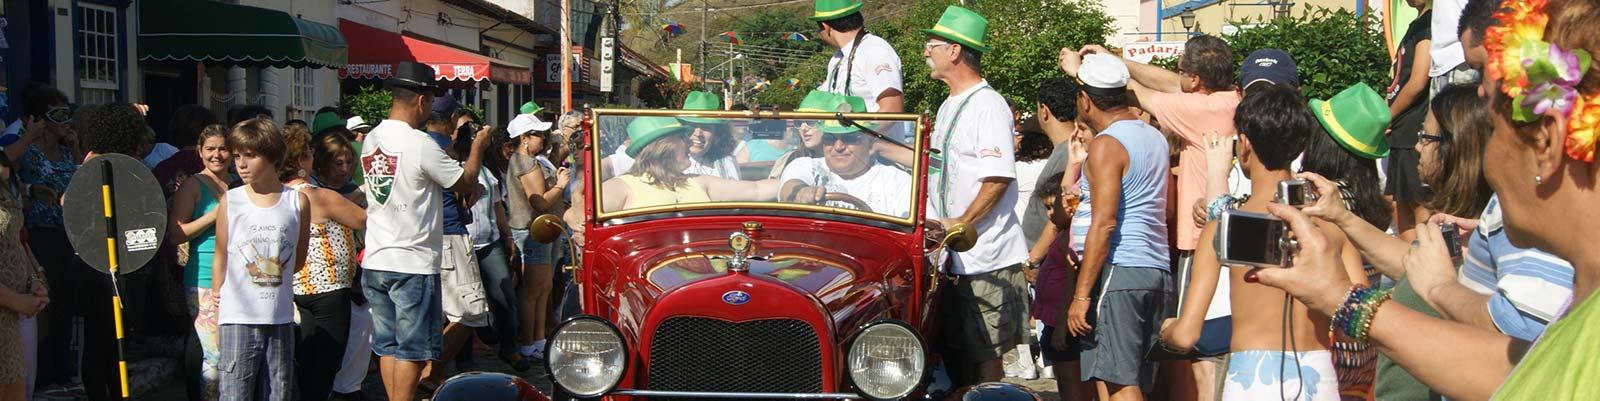 Carnaval Antigo Conservatoria RJ